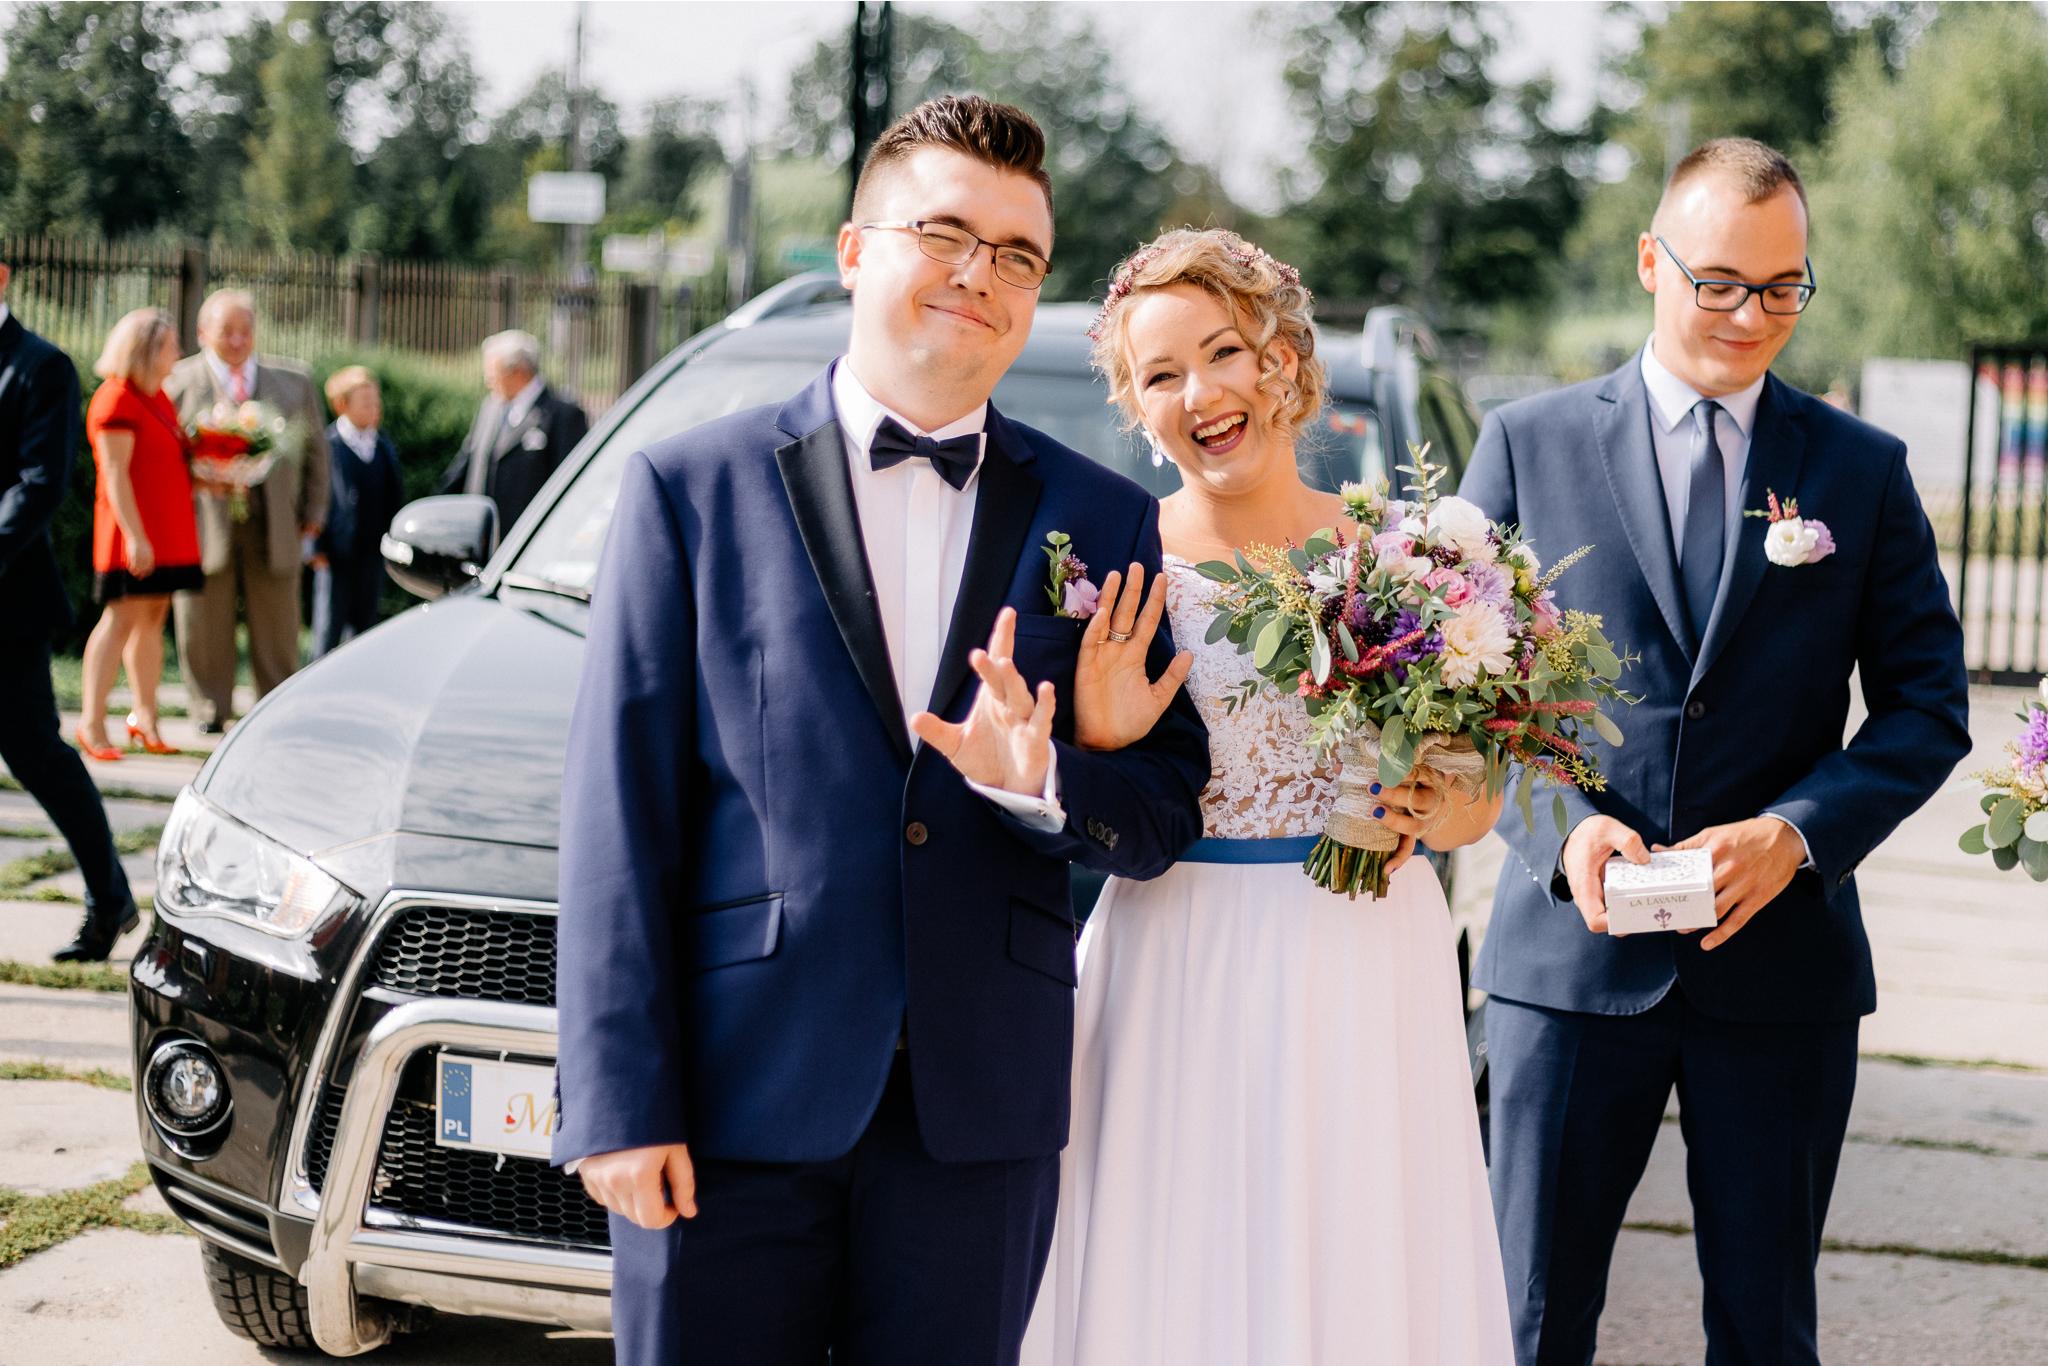 Paulina-i-Krzysztof-ślub-Grodzisk-Mazwiecki-Olala-Fotografia-1